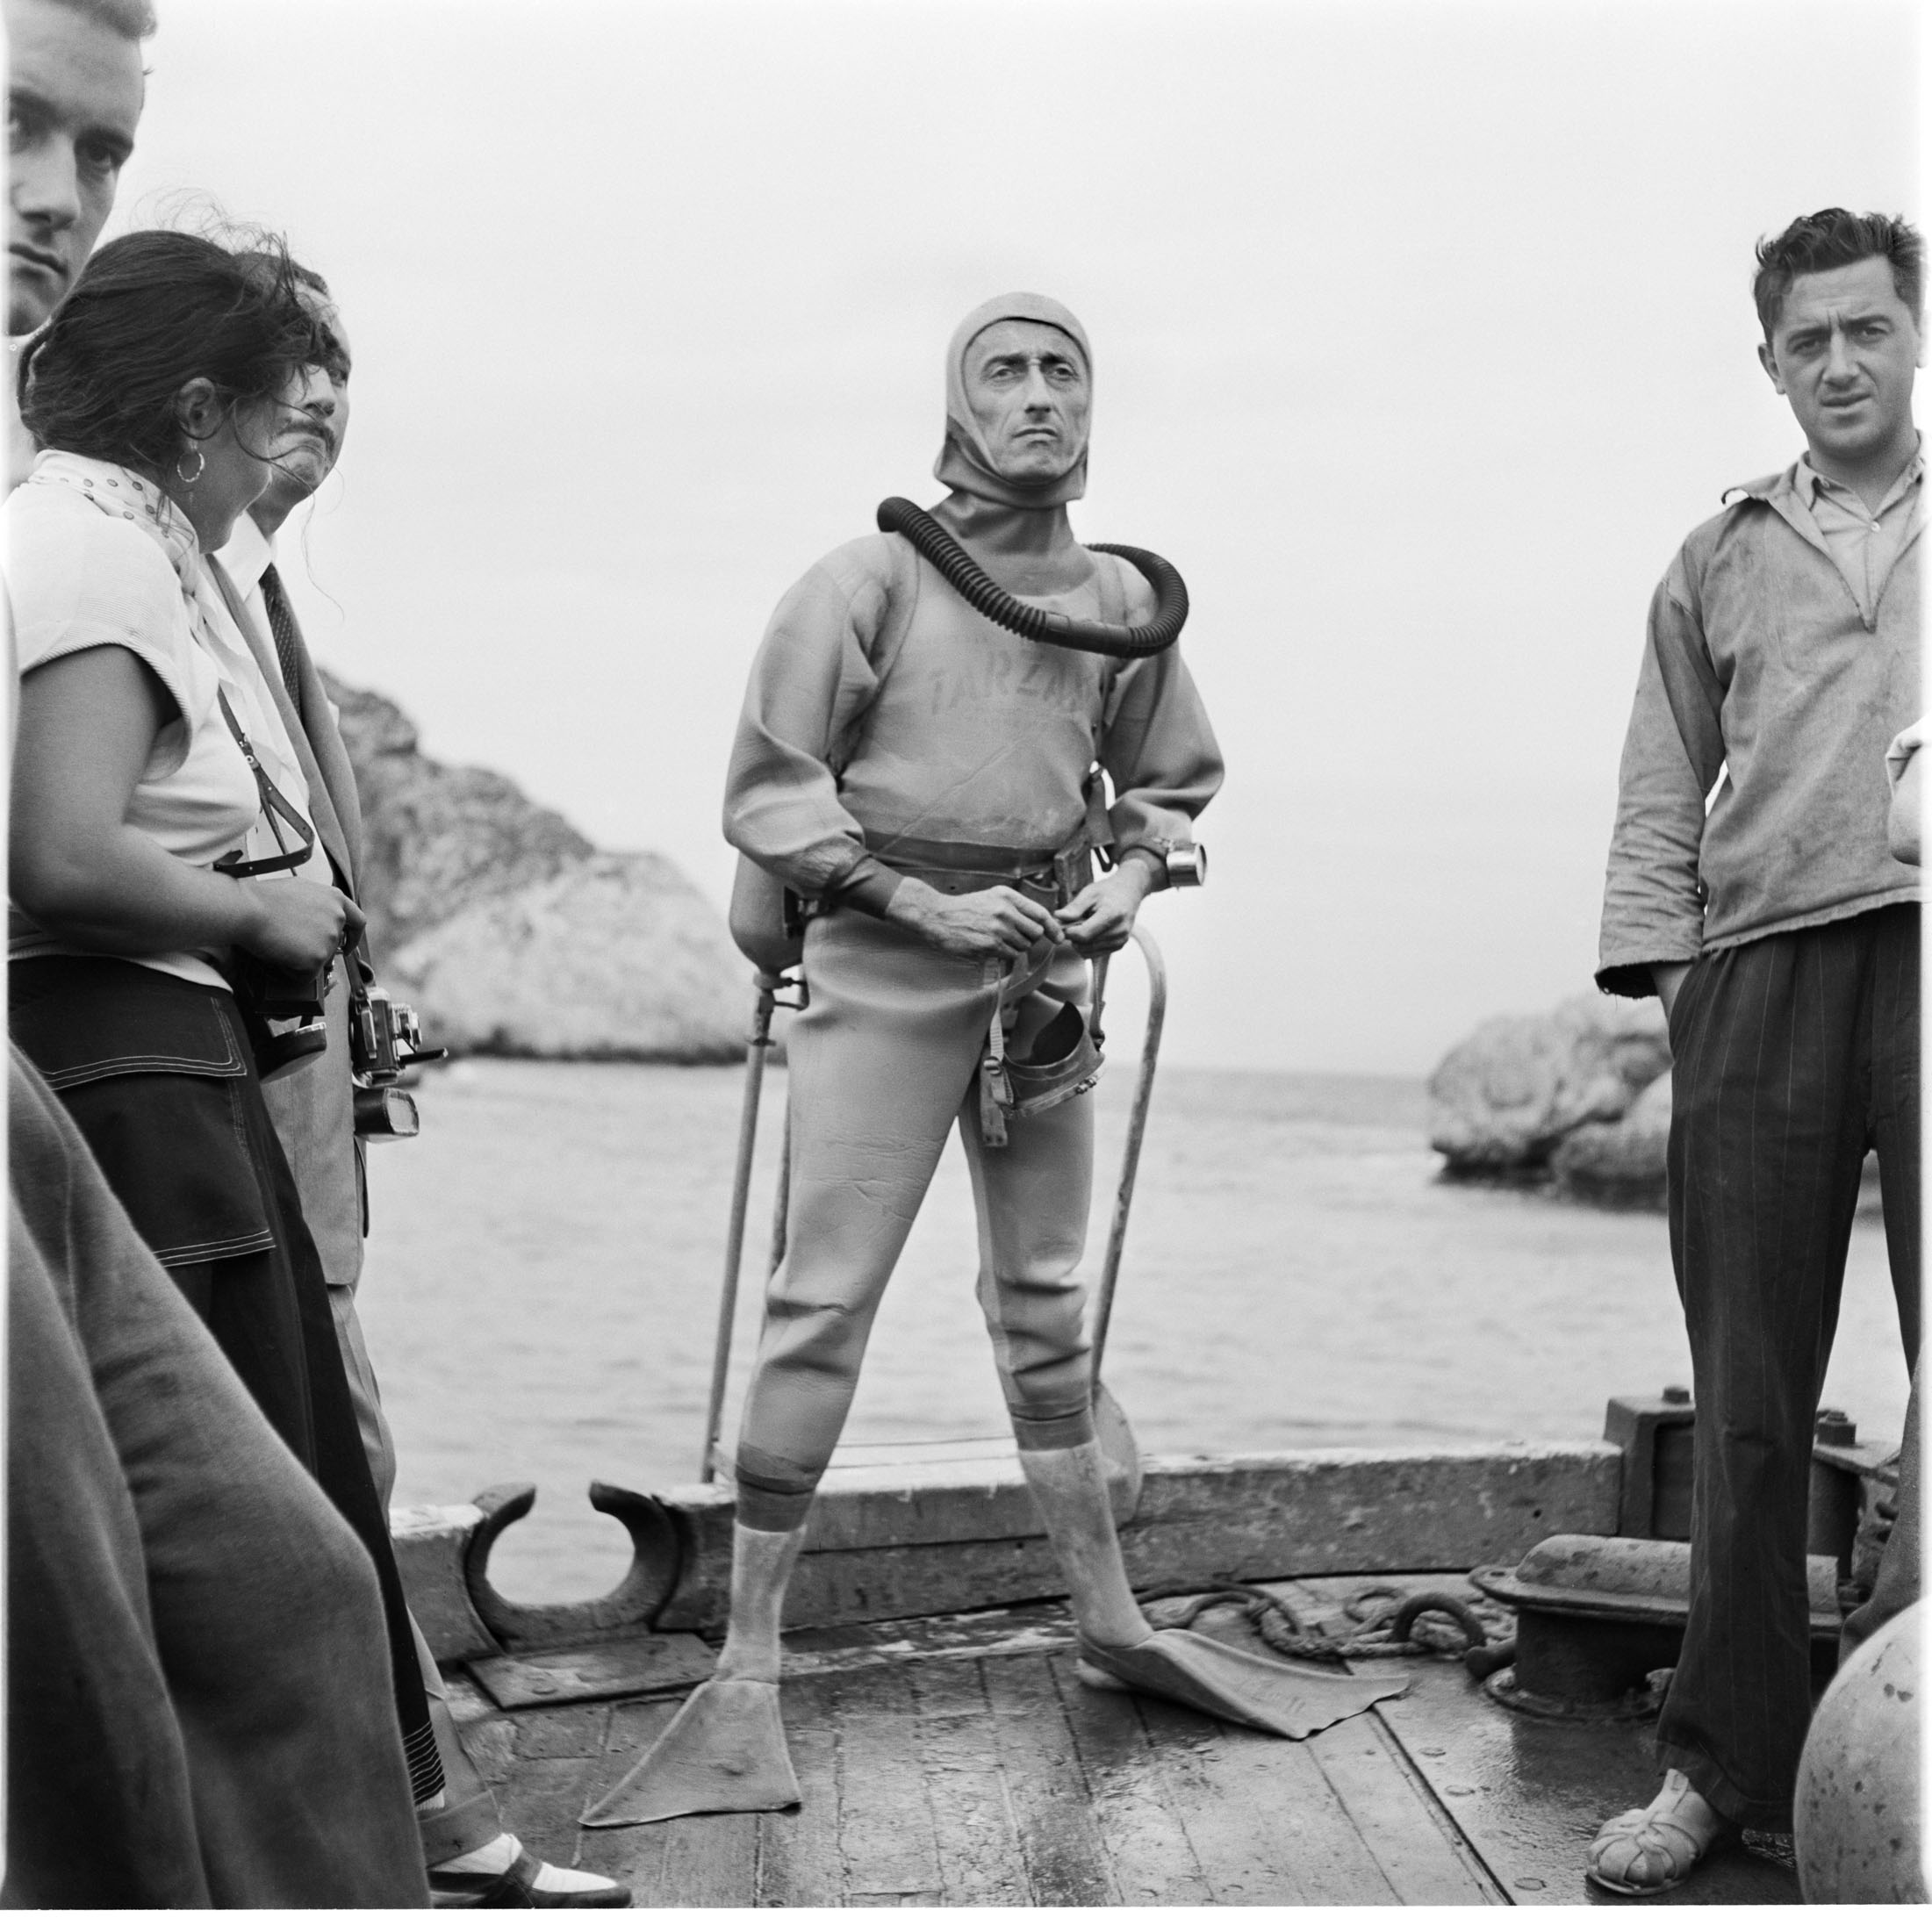 В 1943 году жак-ив кусто вместе с эмилем гагнаном изобрели первый безопасный и эффективный аппарат для дыхания под